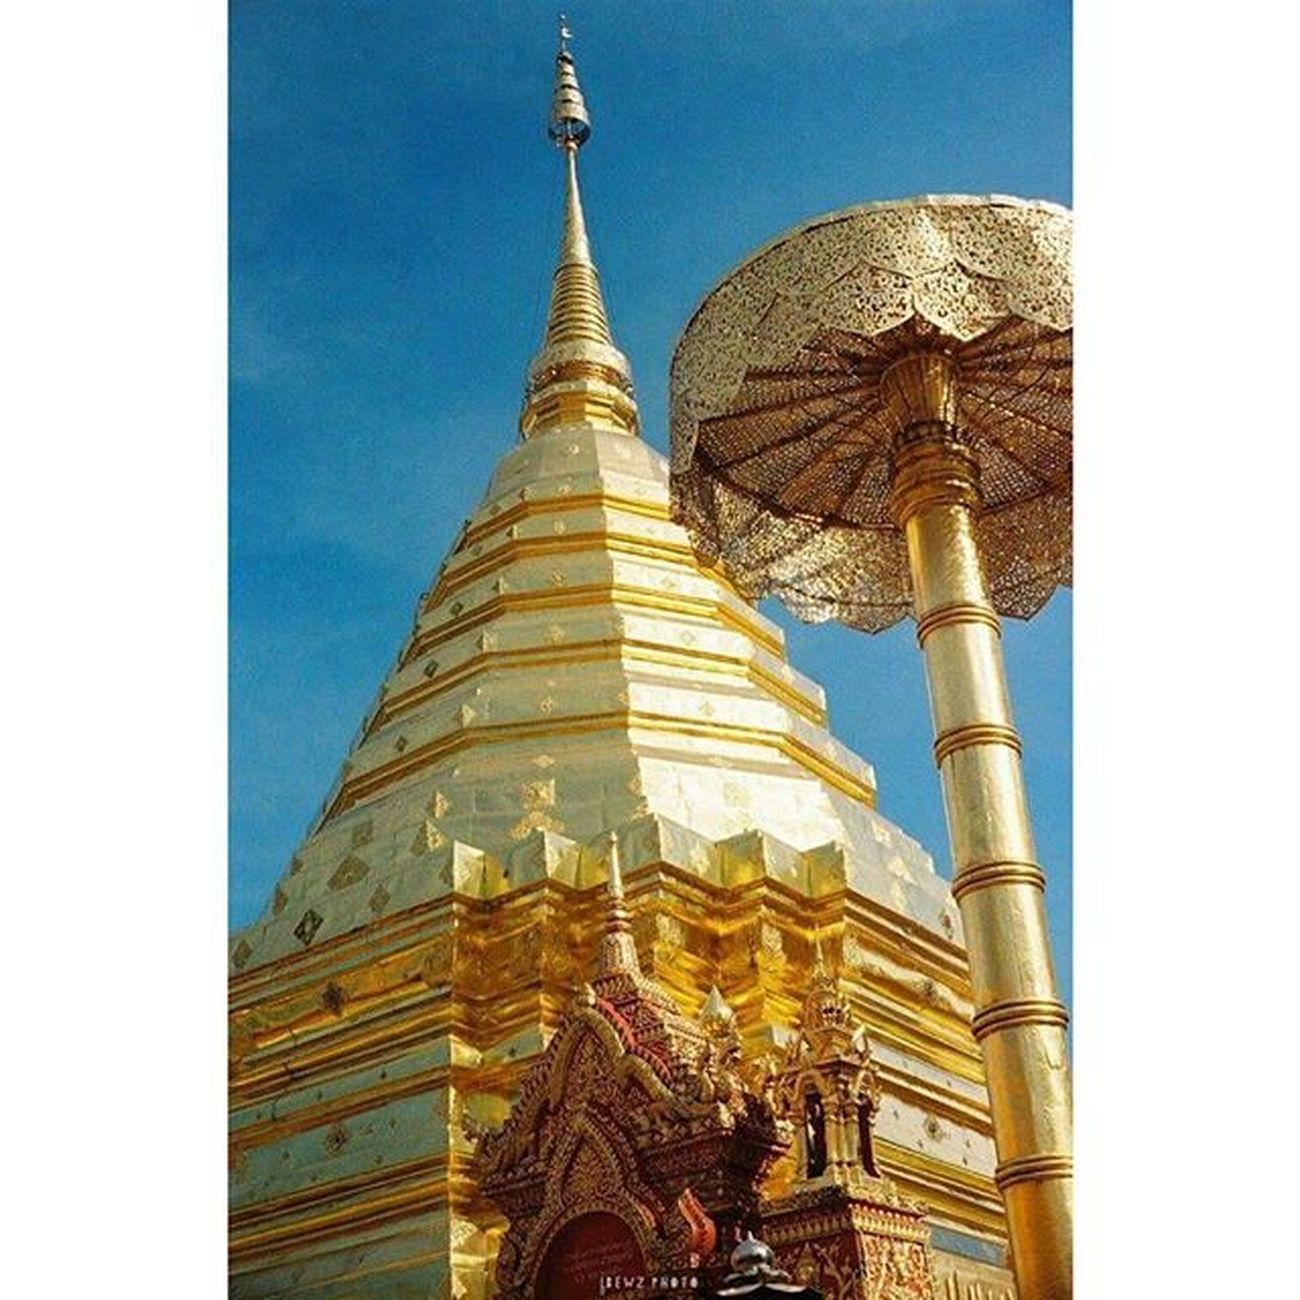 พระธาตุดอยสุเทพ Yashicaelectro35 Film Filmstagram Filmnotdead Istillshootfilm Insta_thailand Beautiful_thailand Doisuthep Chiangmai Phrathat Phrathatdoisuthep Wat Temple Buddha Thailand_allshots Thailand